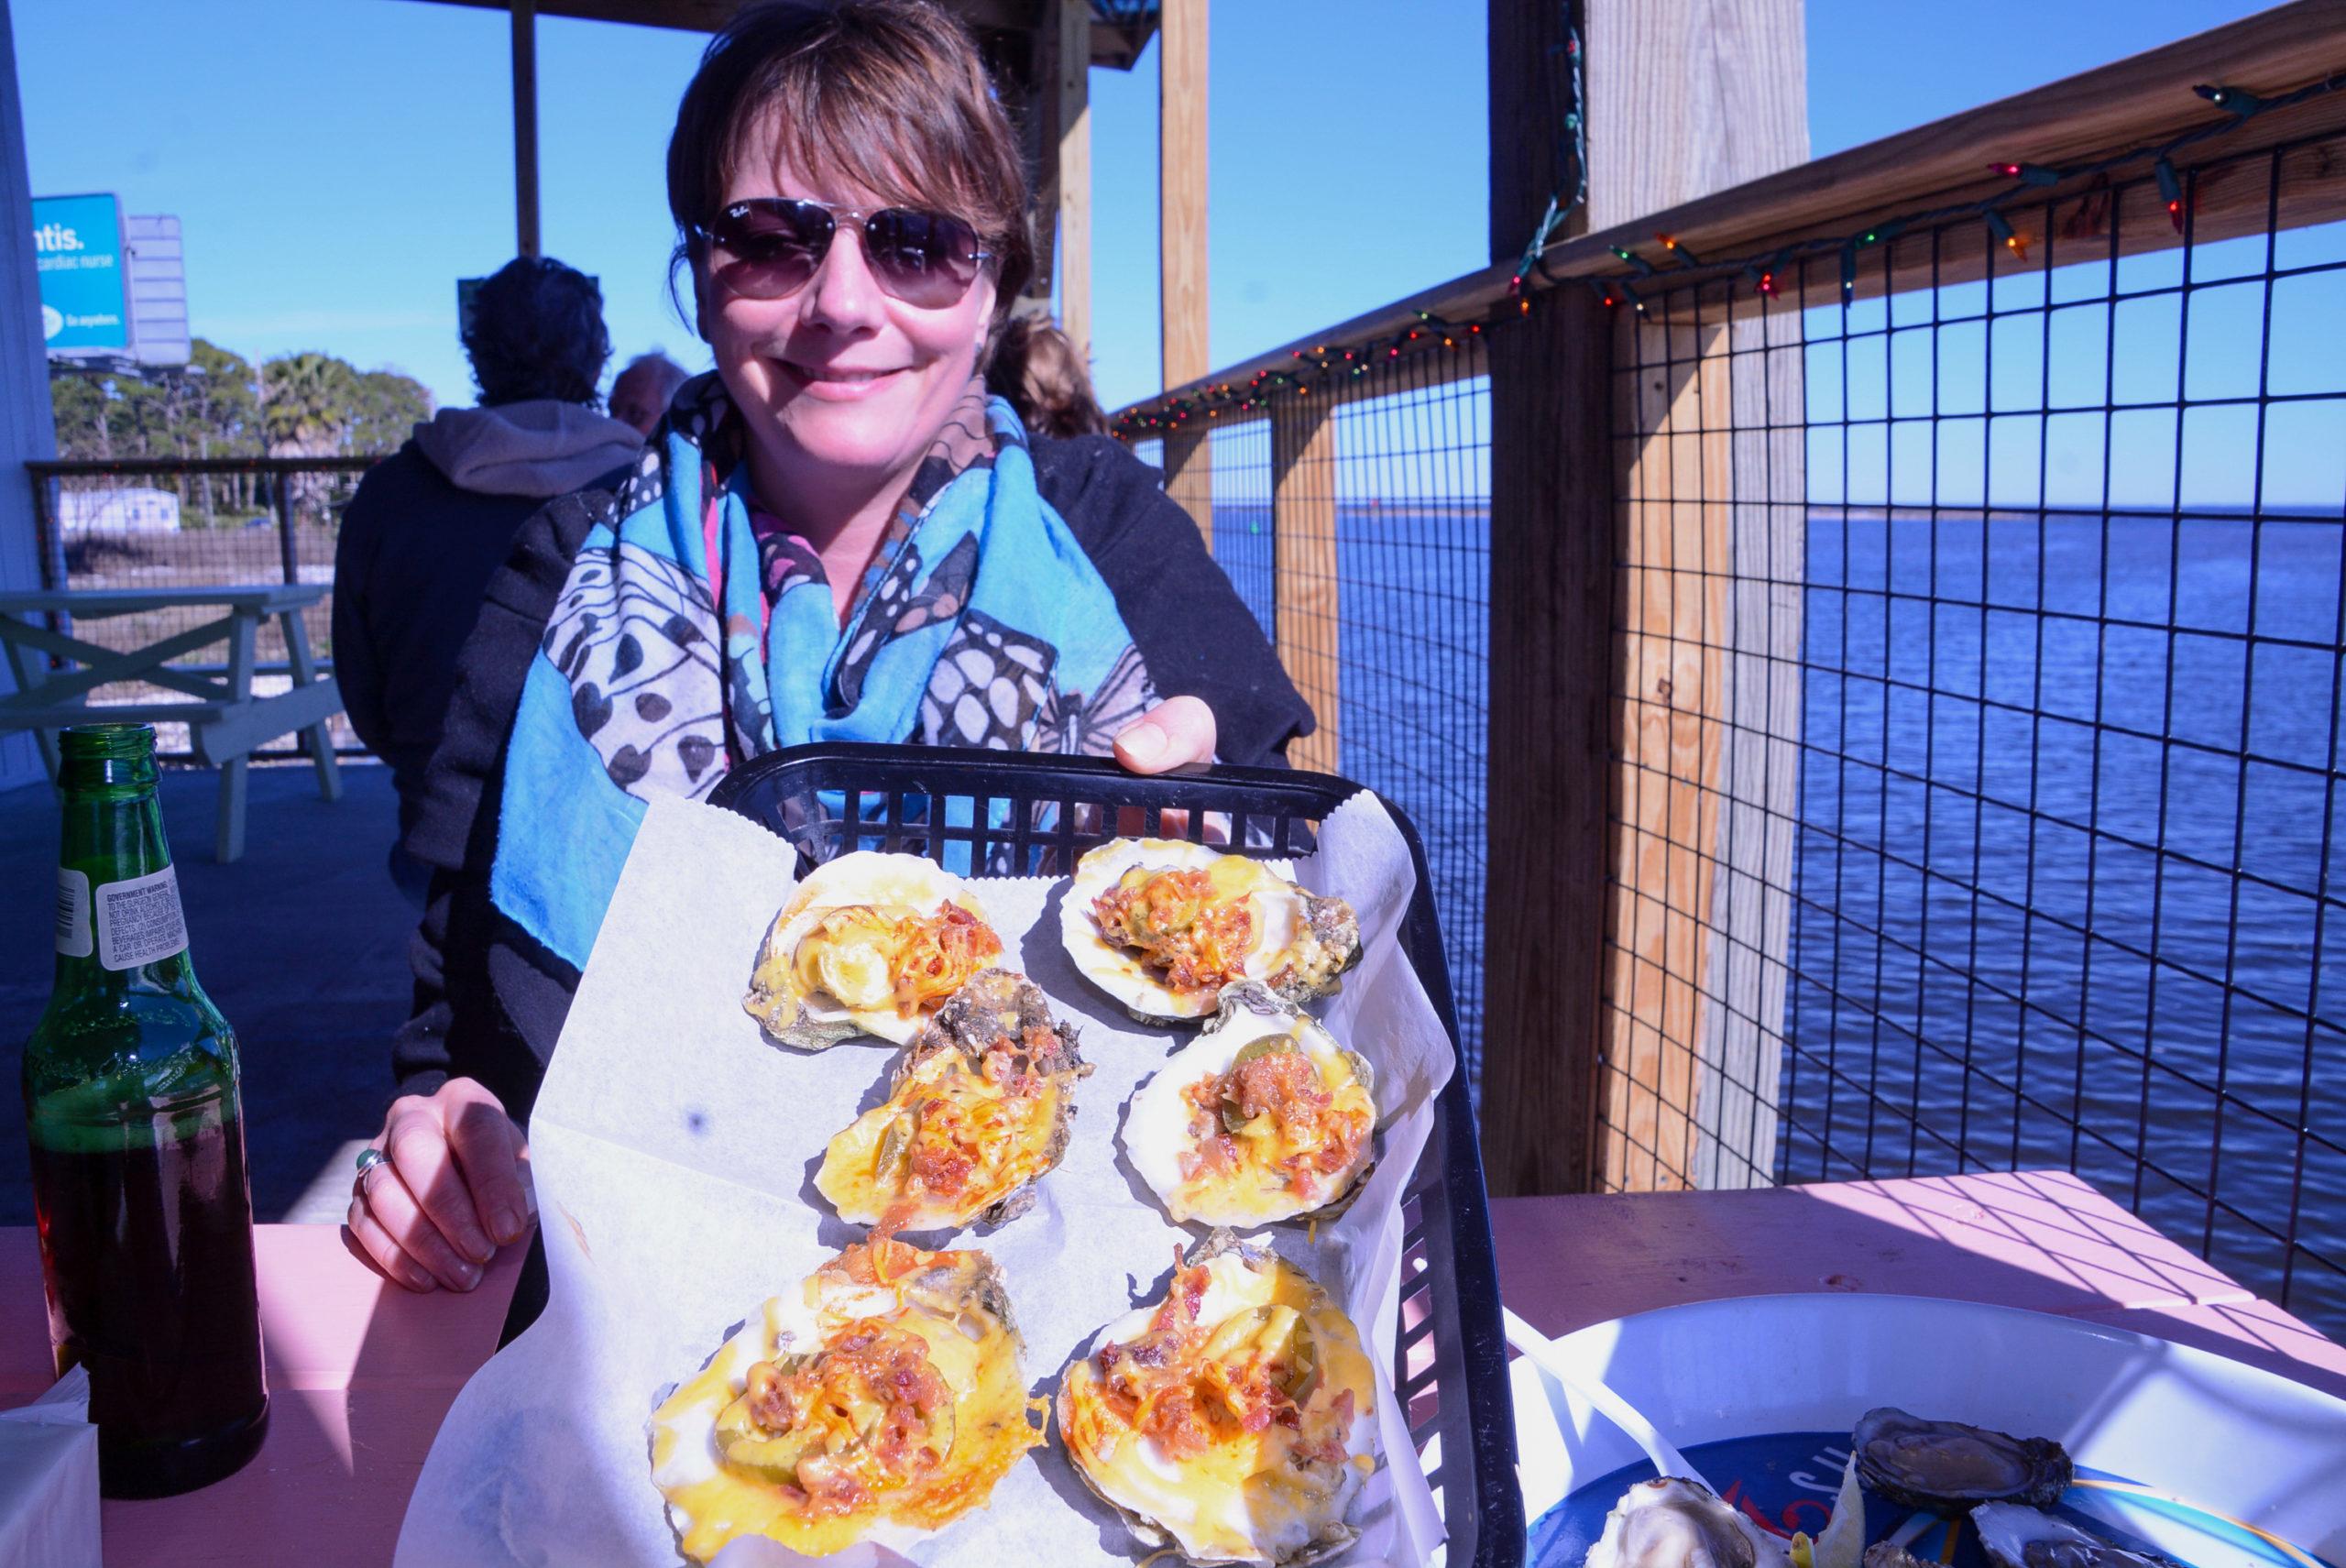 Glückliche Restaurant-Besucherin der Austern-Hauptstadt der Welt